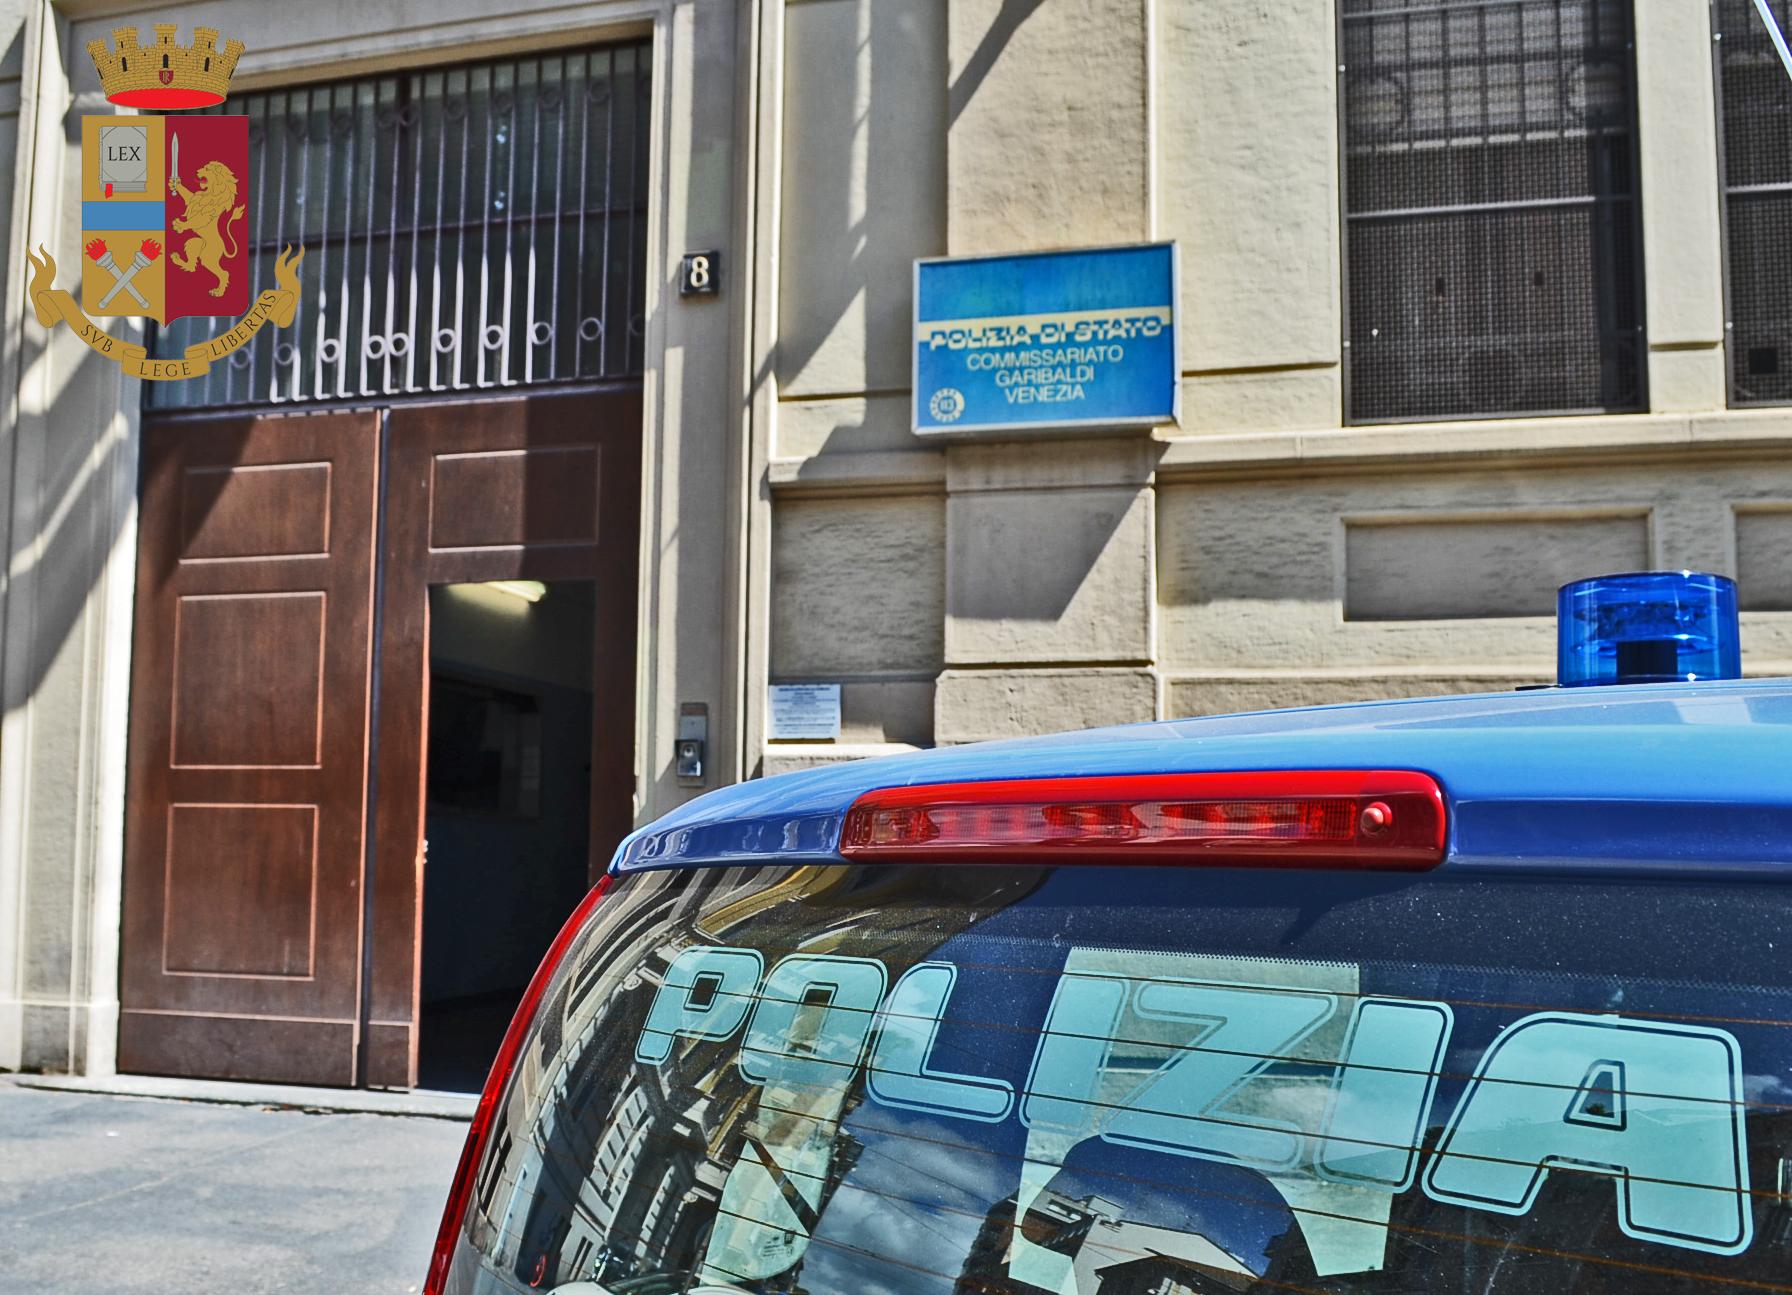 Milano: si reca in Commissariato per rinnovare il permesso ...